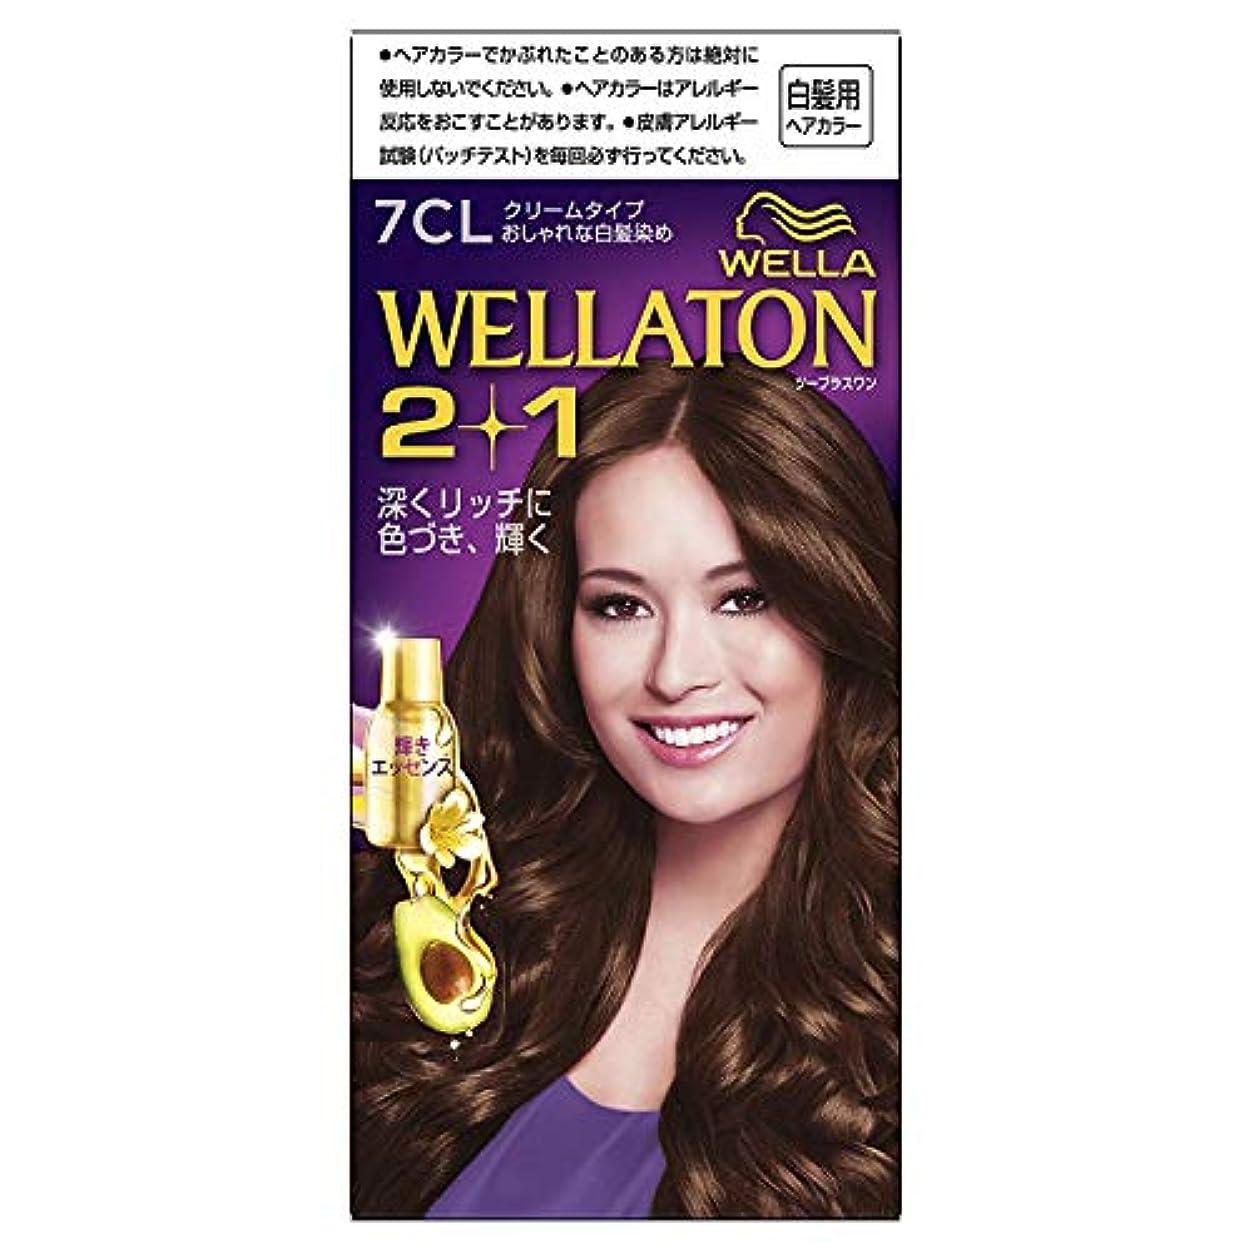 貫通するキャッチ資源ウエラトーン2+1 白髪染め クリームタイプ 7CL [医薬部外品]×3個